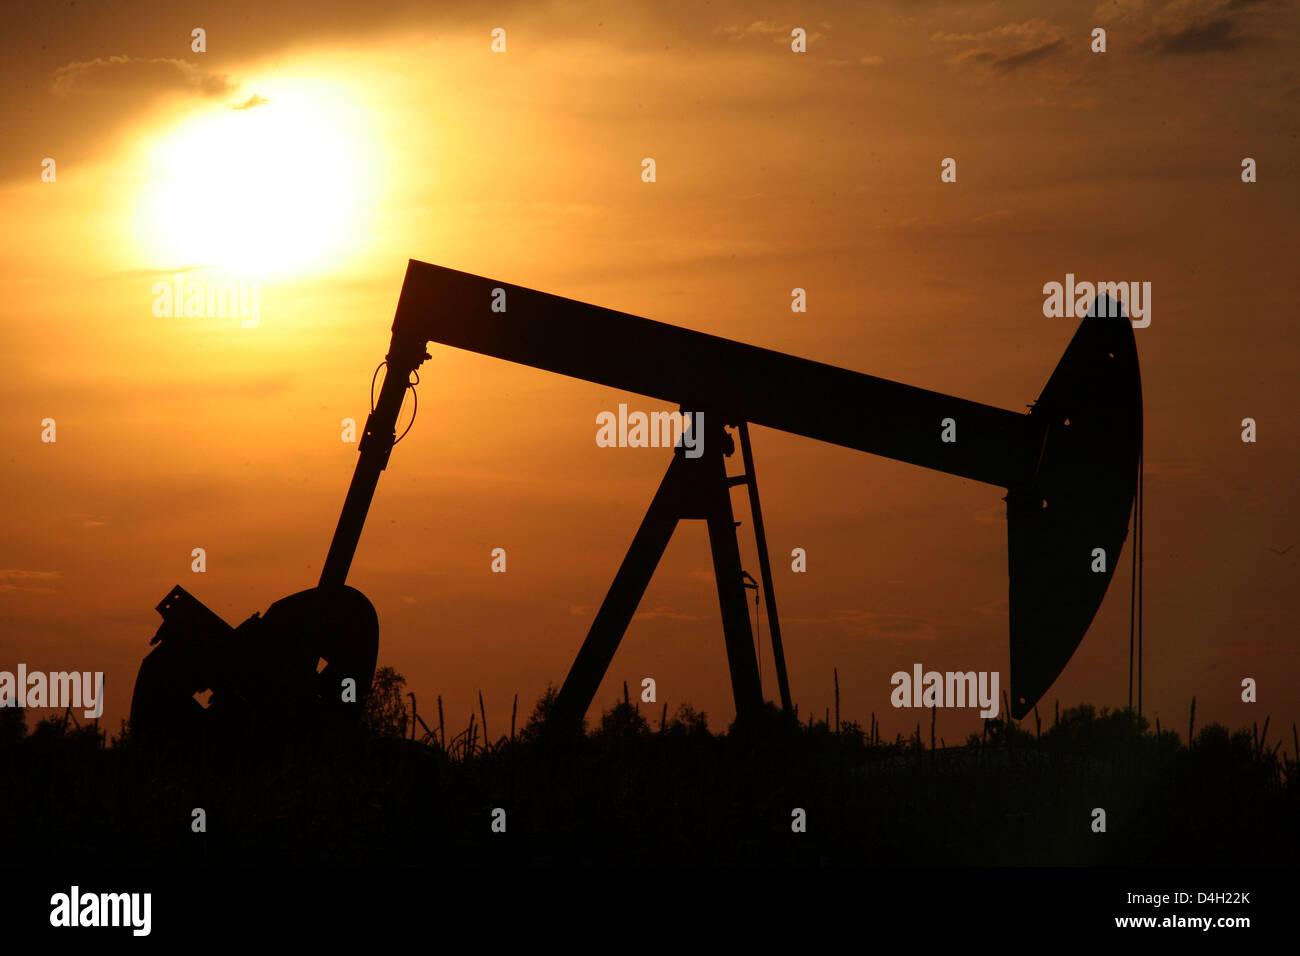 El sol se pone detrás de una bomba de aceite tipo pumpjack cerca de Emlichheim, en el condado de Bentheim, Alemania, 28 de julio de 2008. Desde hace 60 años basado en Kassel, Wintershall Energía 'proveedor' ha sido la producción de petróleo en la región fronteriza de los Países Bajos. 150.000 toneladas de petróleo son transportados al año. Foto: Uwe Zucchi Foto de stock